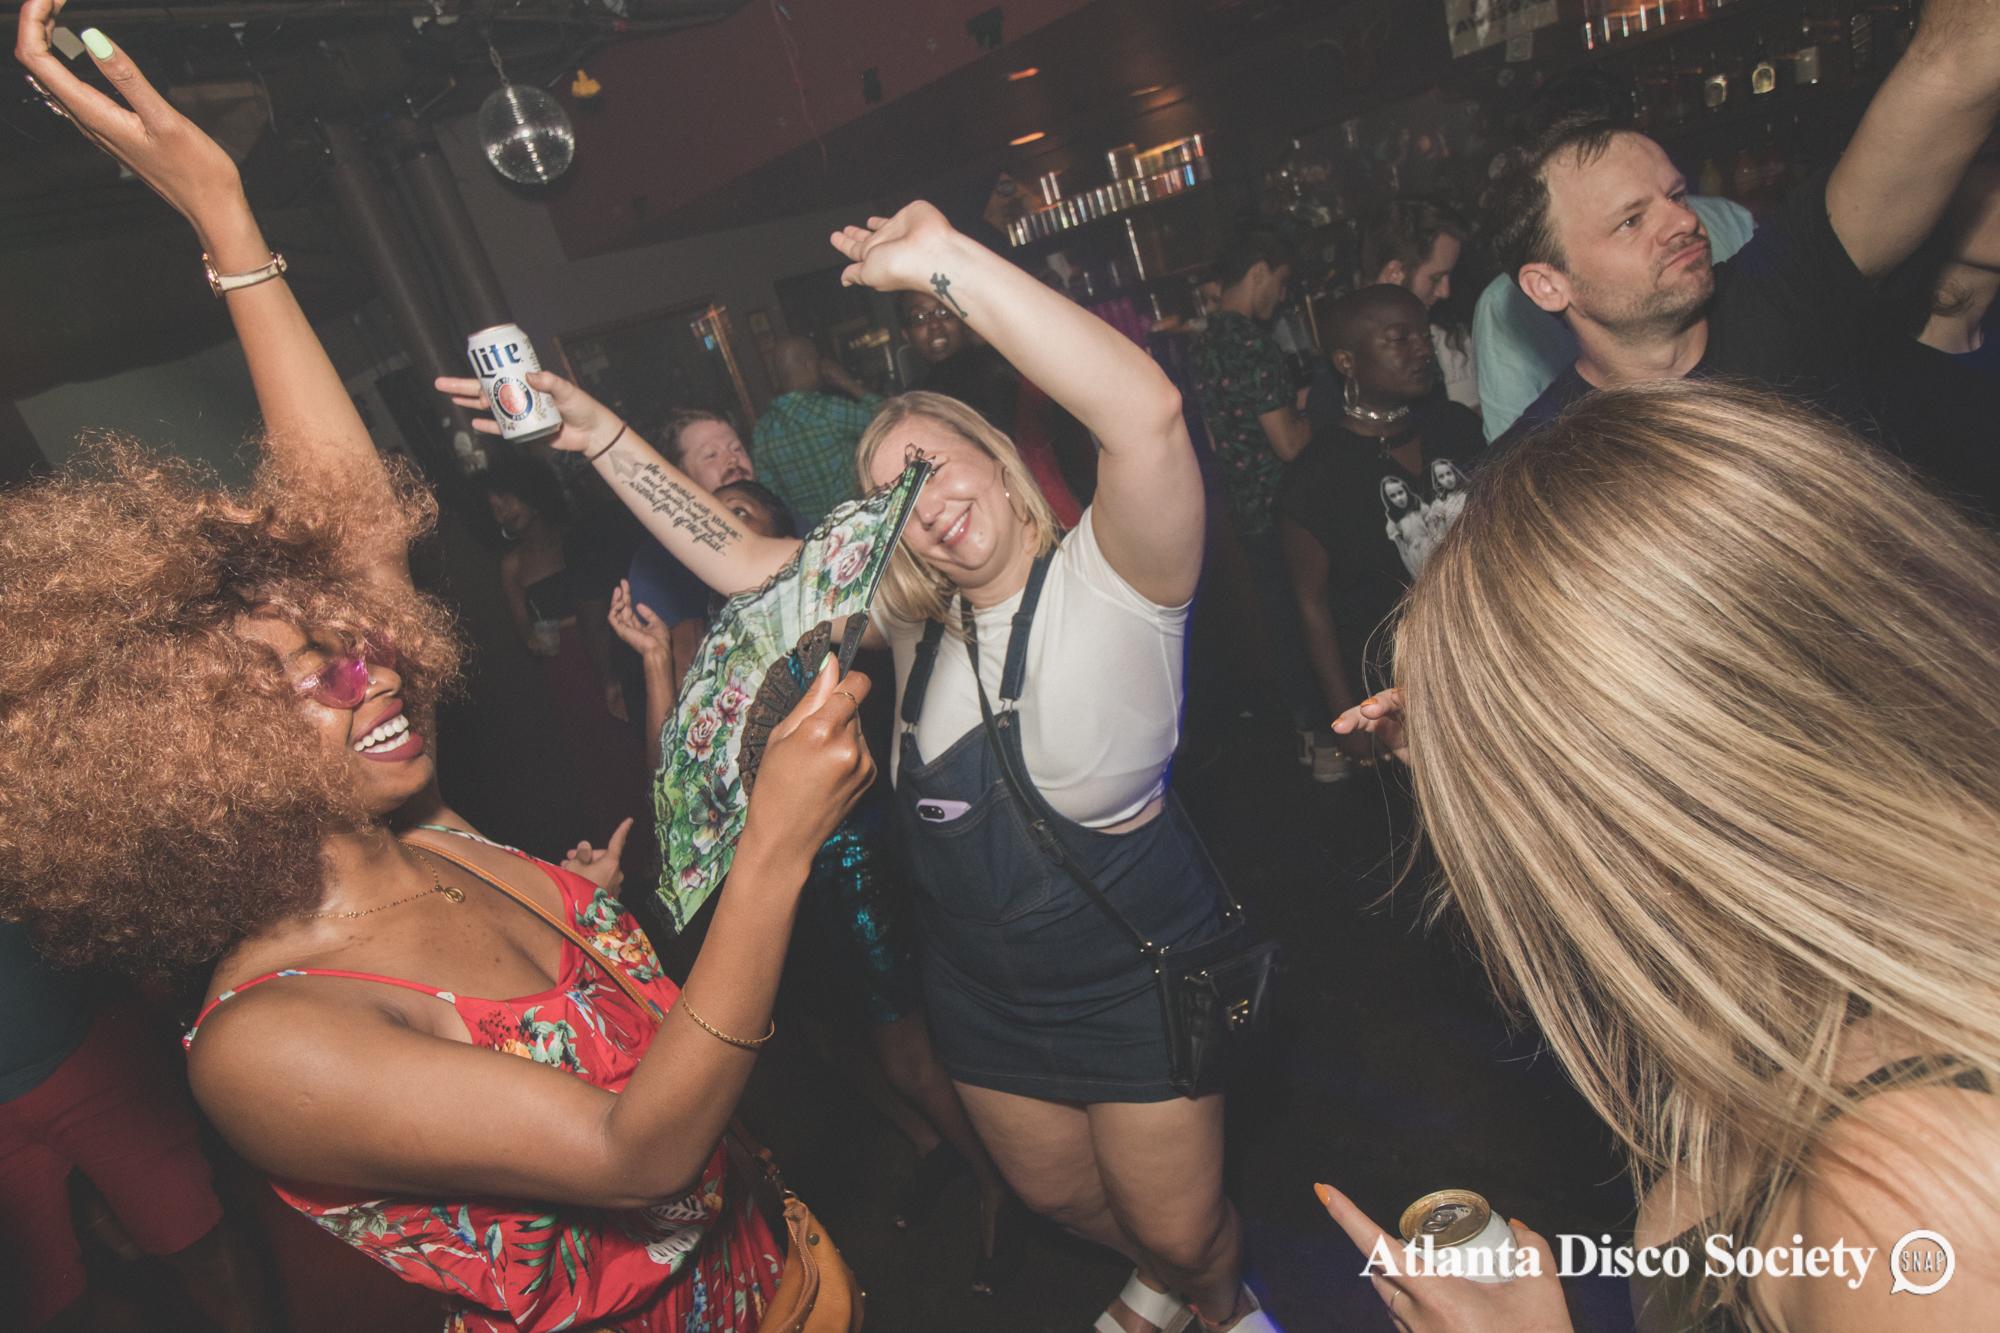 85Atlanta Disco Society Grace Kelly Oh Snap Kid 7.27.19.jpg